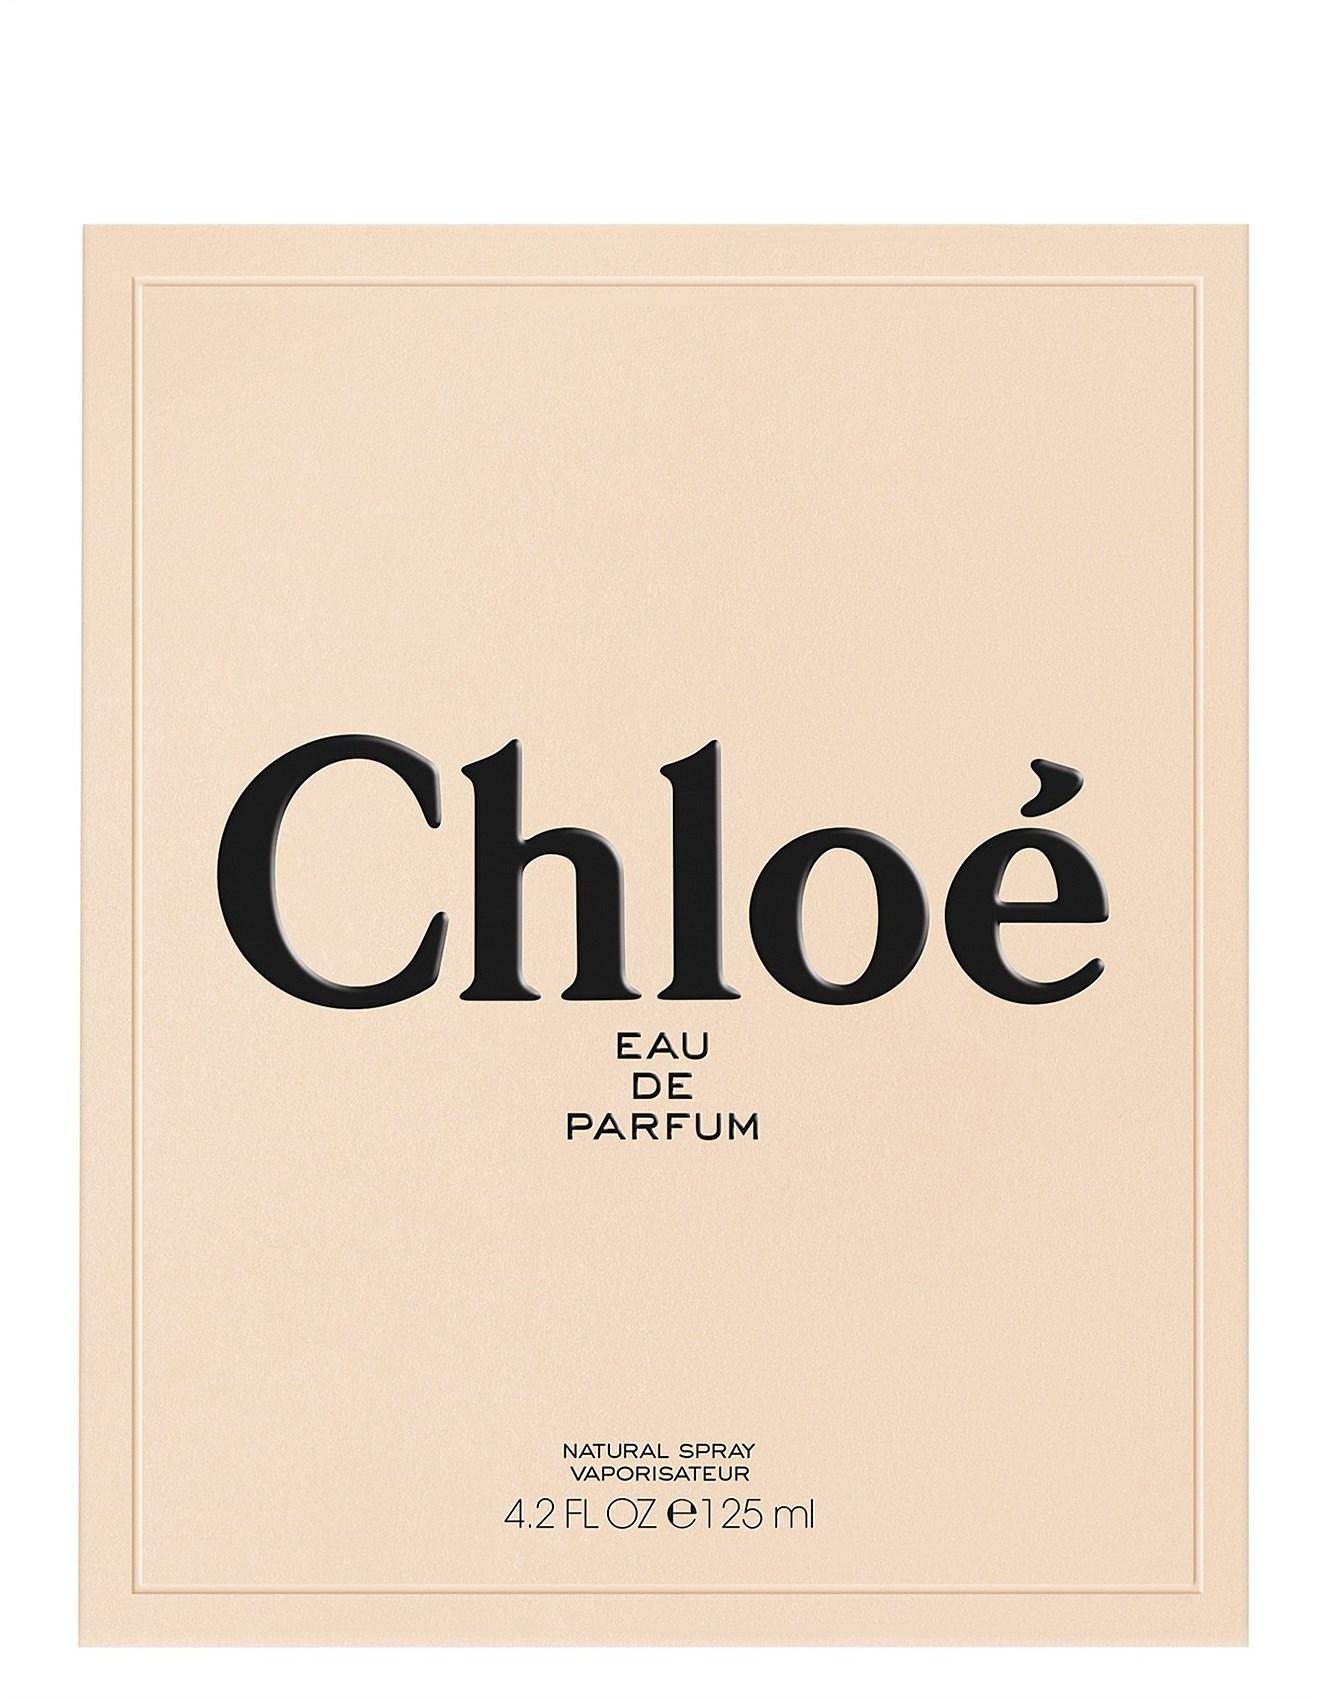 Eau Parfum 125ml Signature Limited Edition De Chloé uJlFcTK13